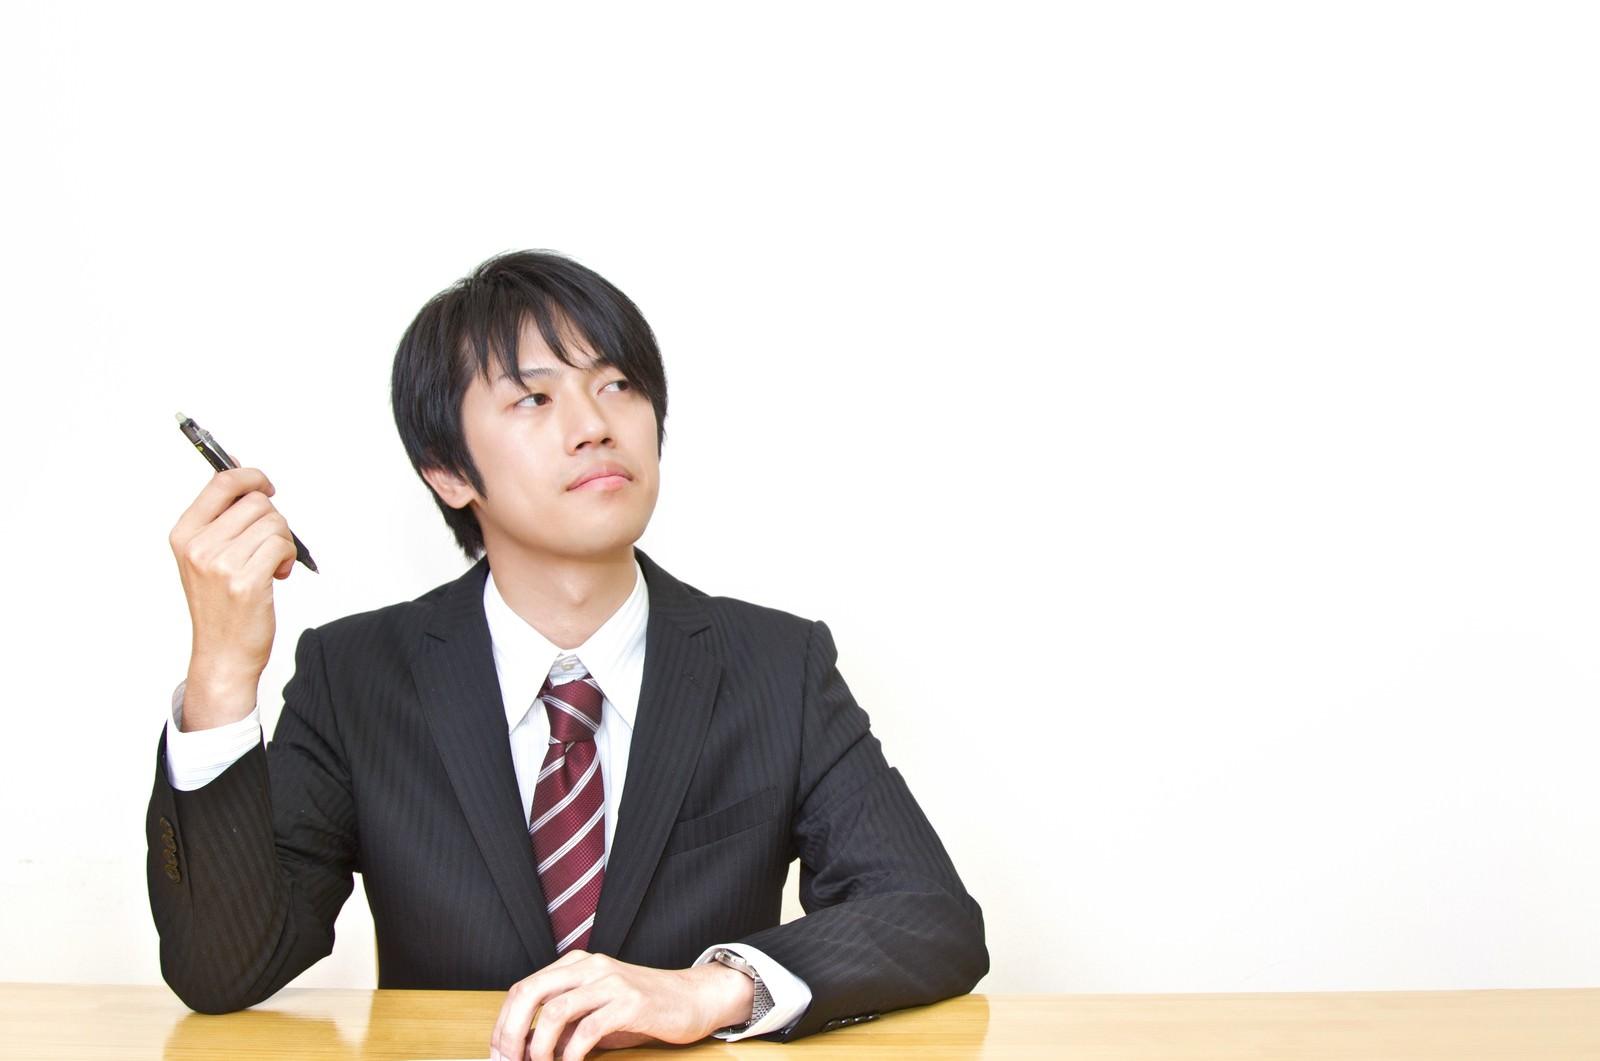 「ペンを持ち考えるスーツ姿の男性」の写真[モデル:Tsuyoshi.]